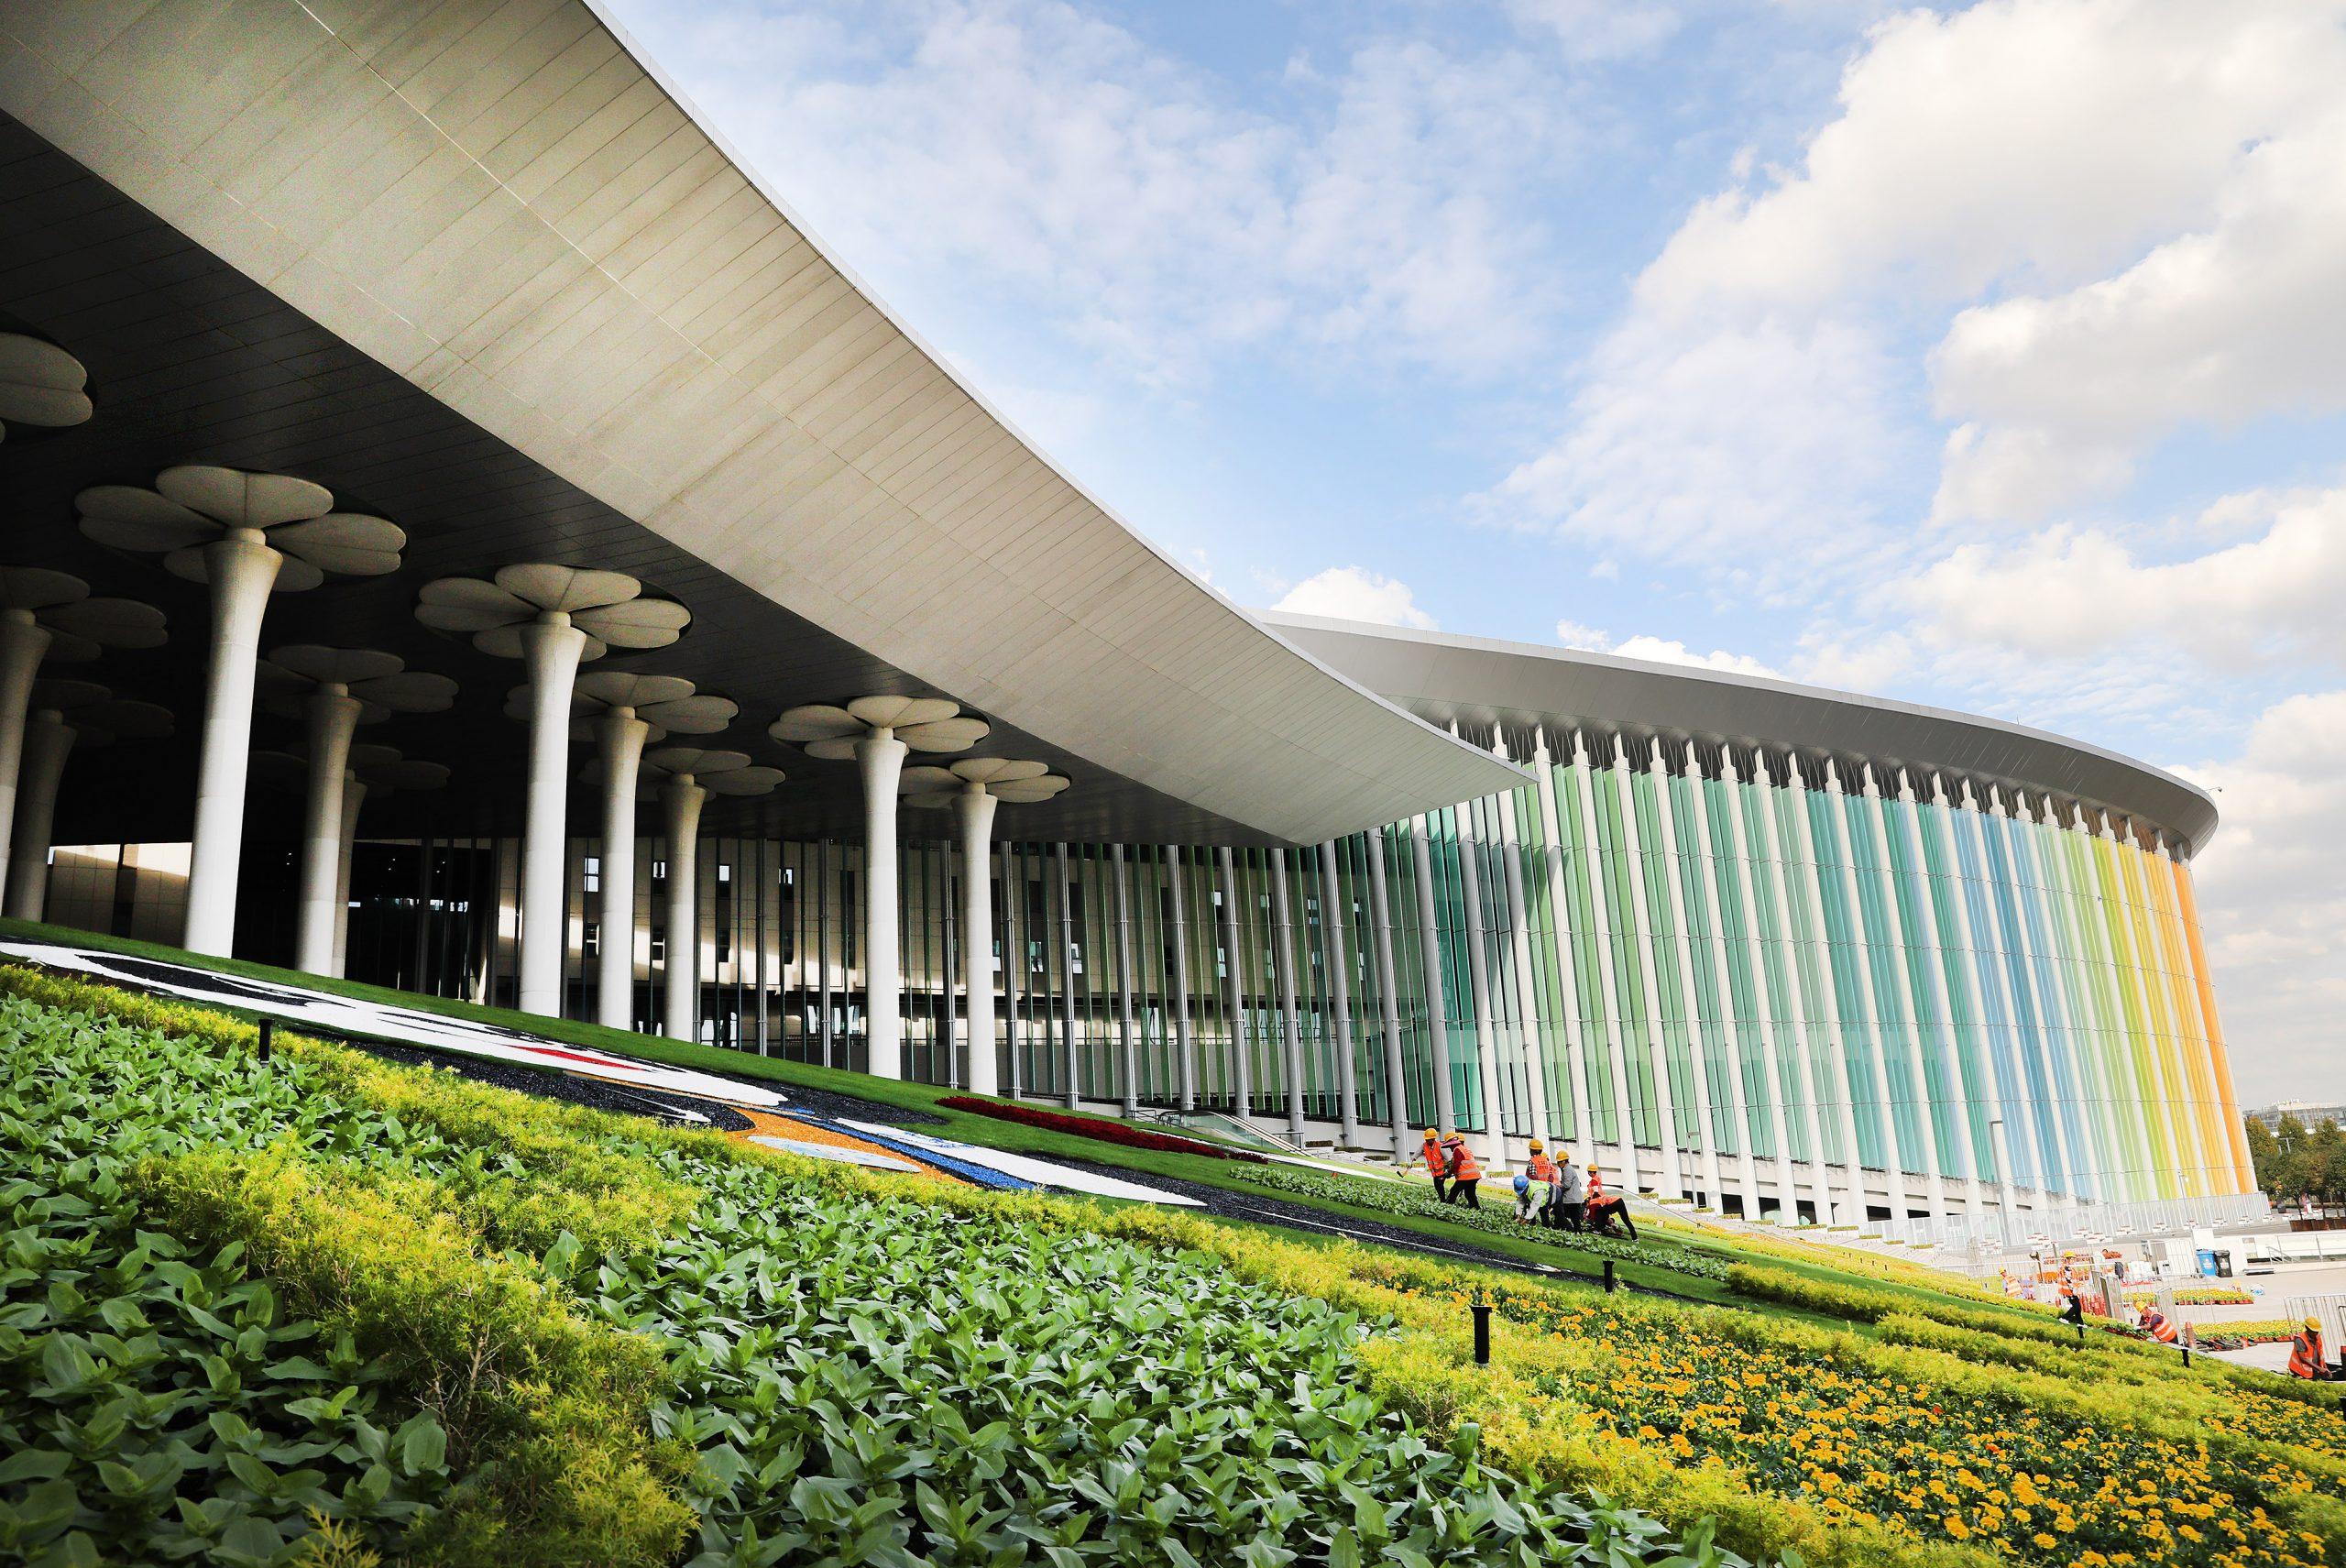 ENTREVISTA: CIIE de China generará impacto positivo en comercio internacional, expresa empresario ecuatoriano